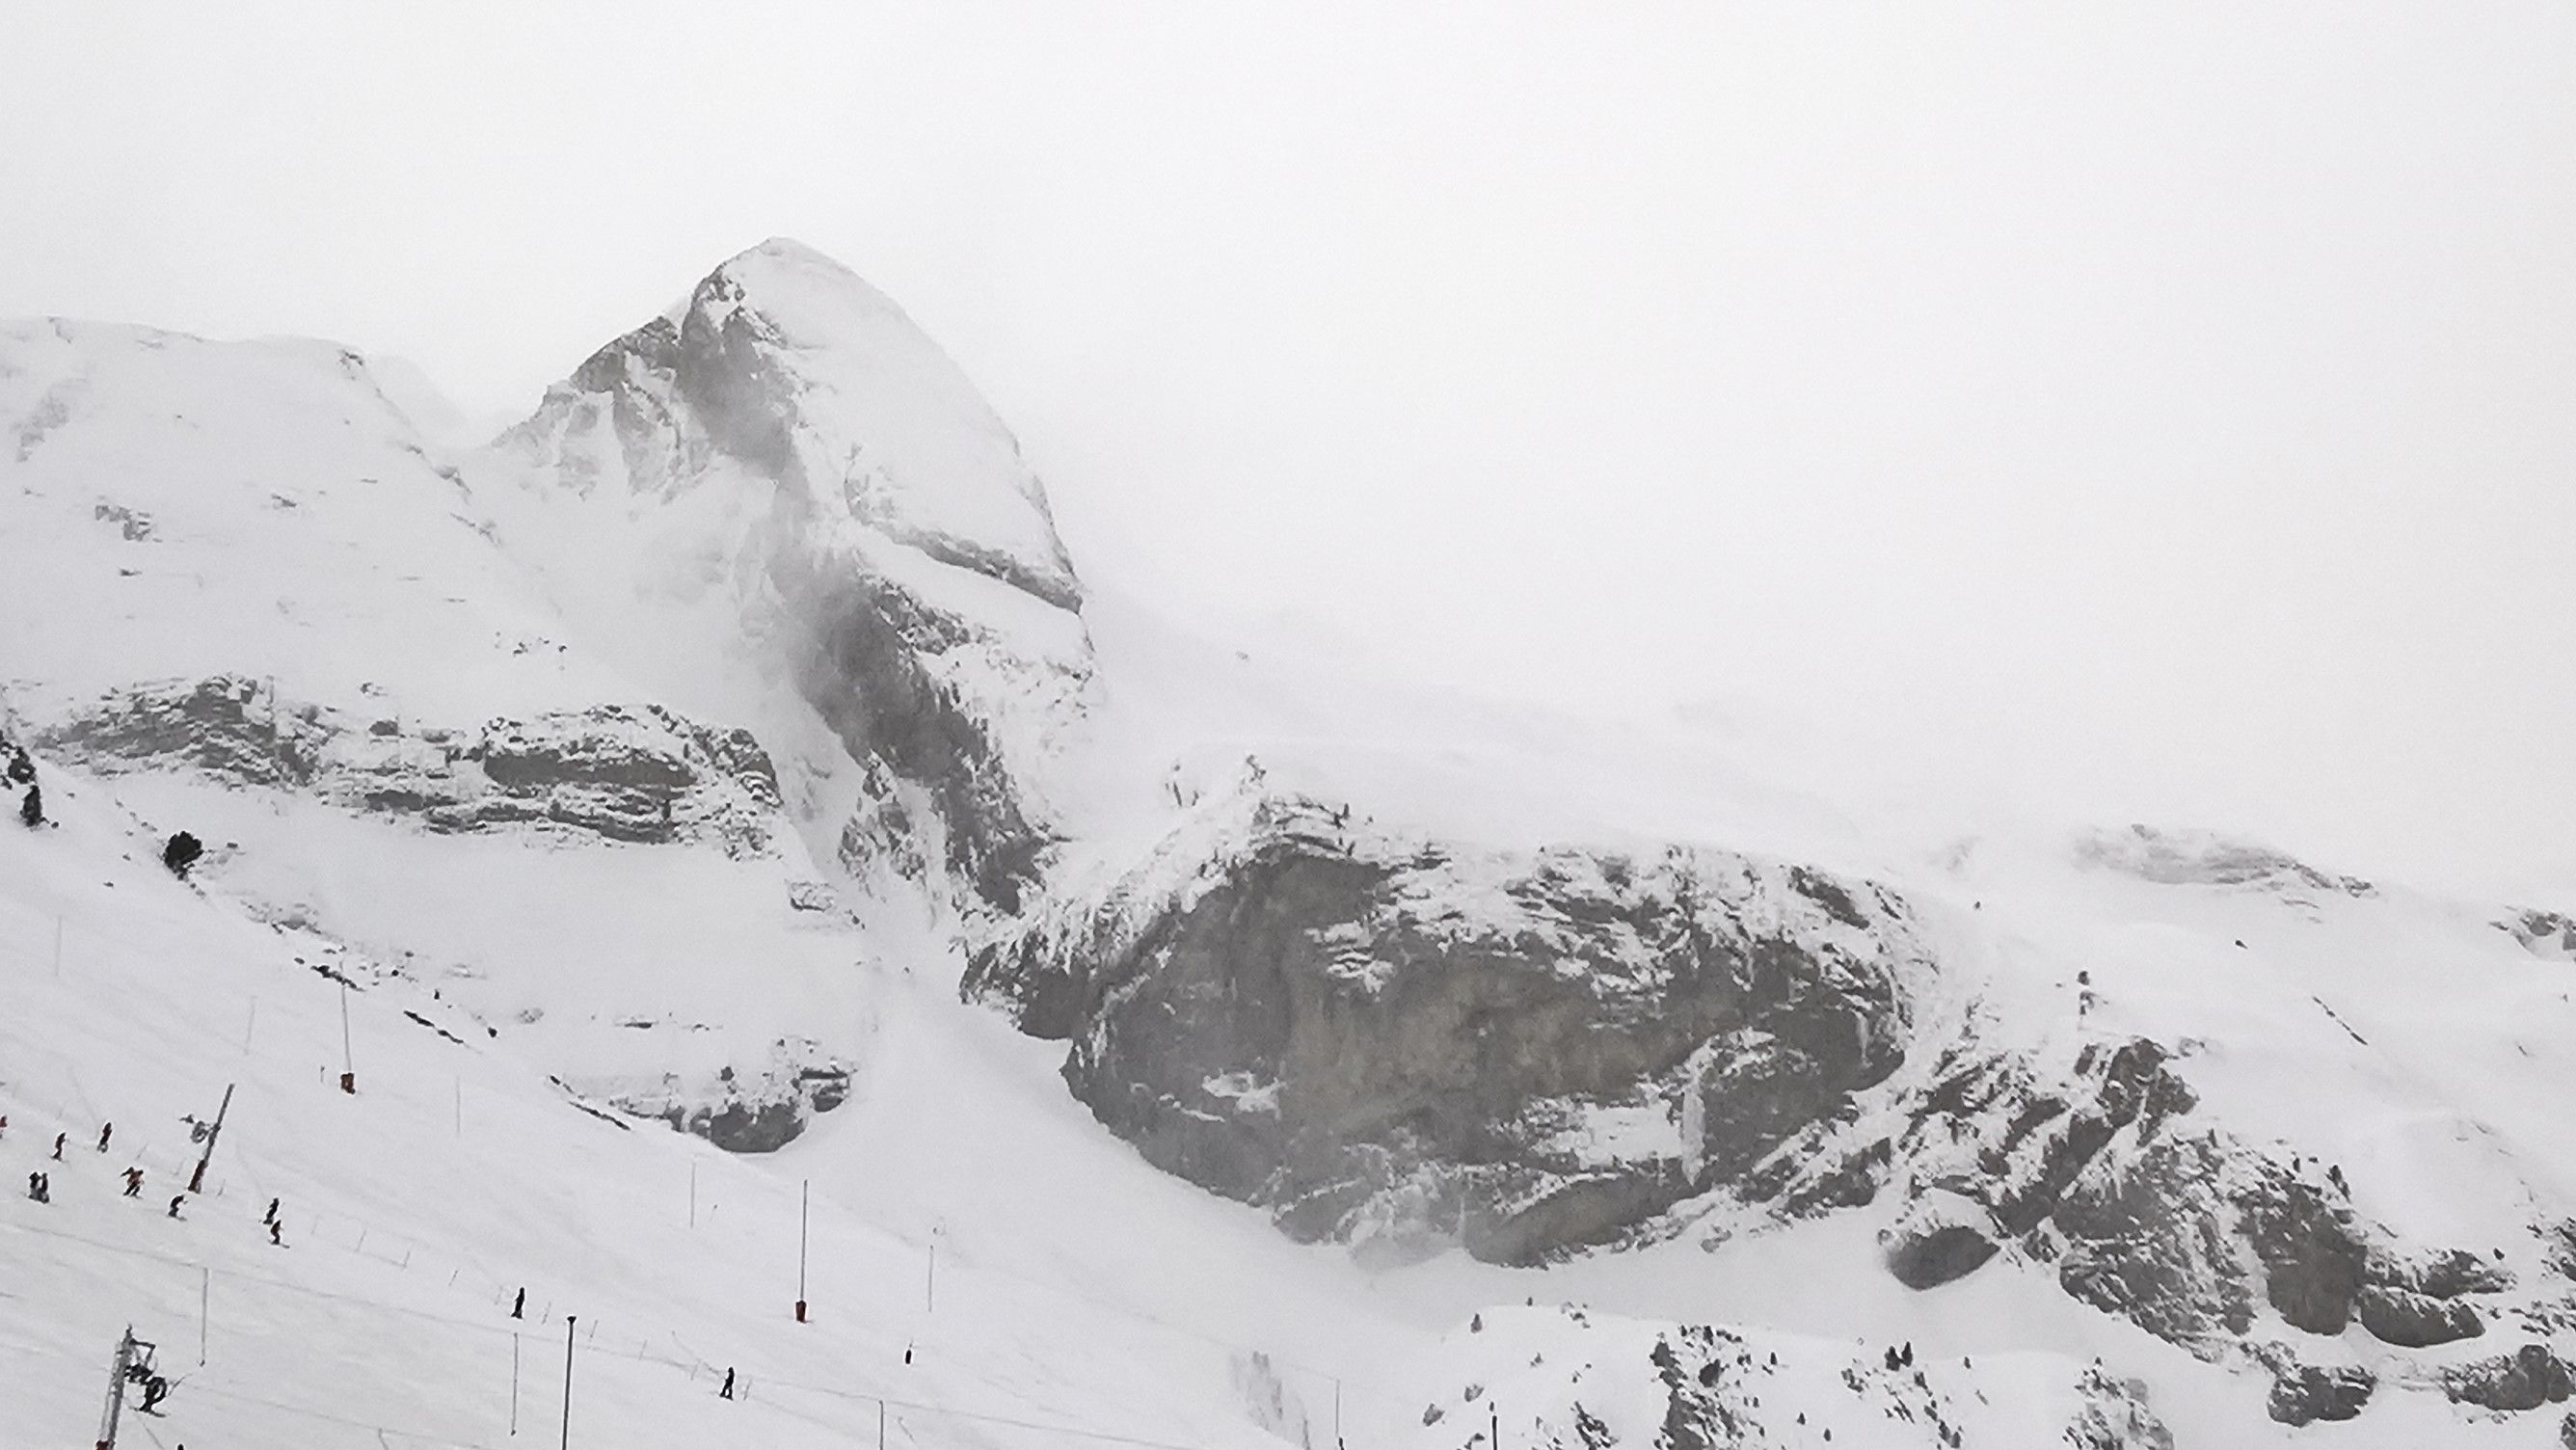 Territorio de nieve http://365.petaqui.com/2017/02/12/territorio-de-nieve/ - Proyecto 365